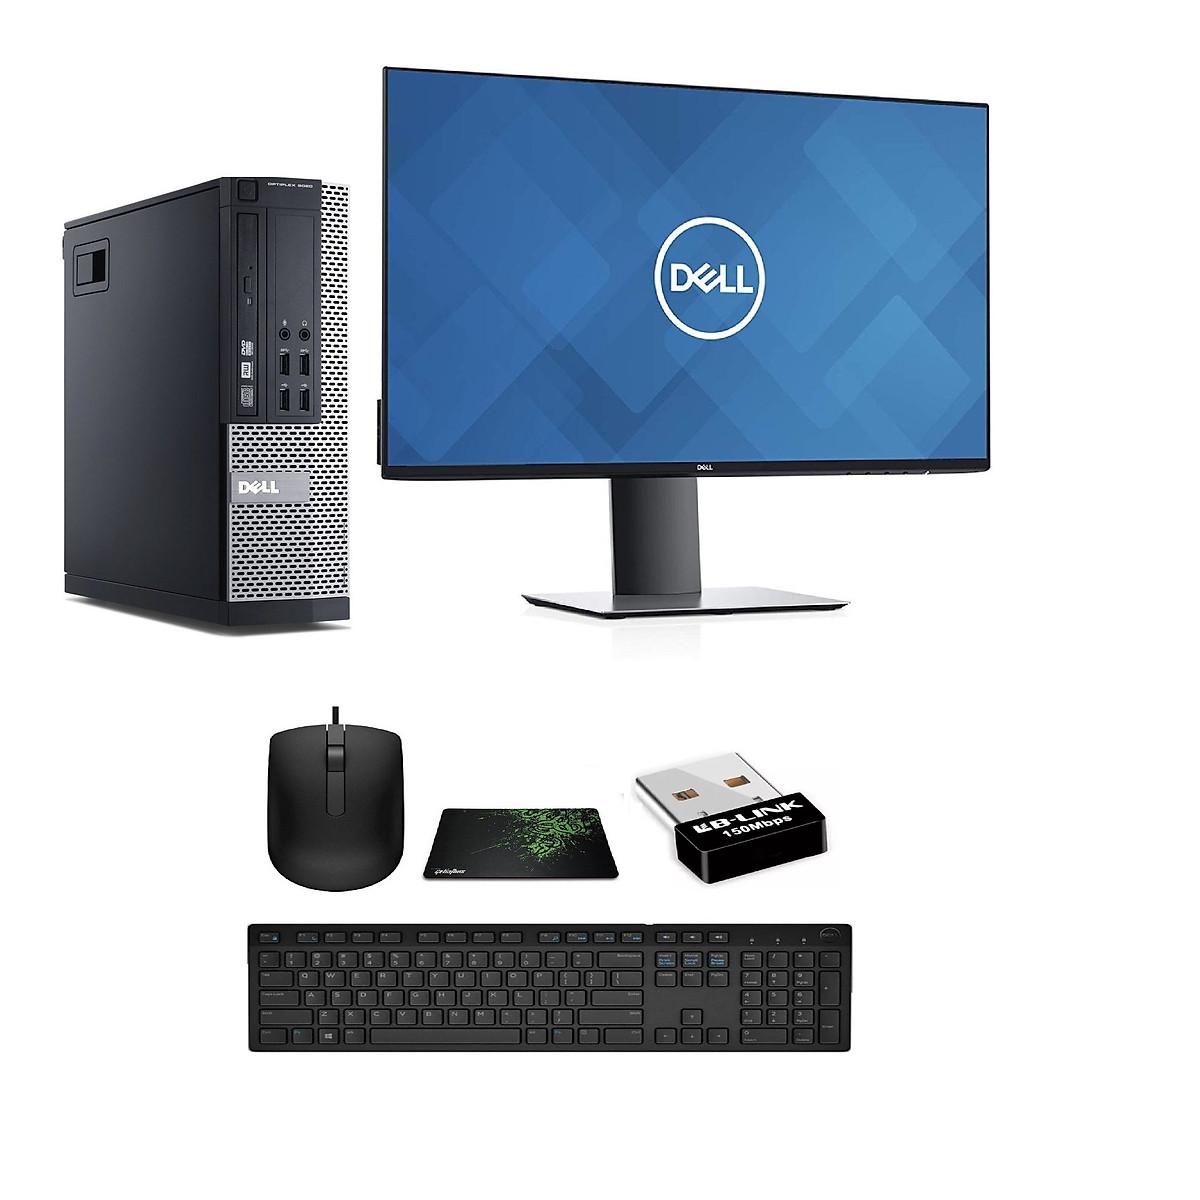 Bộ Máy tình Để Bàn Dell X020 ( Core i7 – 4770 / Ram 8GB / SSD 240GB / Card hình Quadro K620- 2Gb) Và Màn hình Dell U2419H và Bàn Phím chuột Dell – Dòng Dùng Đồ Họa cao cấp  – Hàng chính hãng